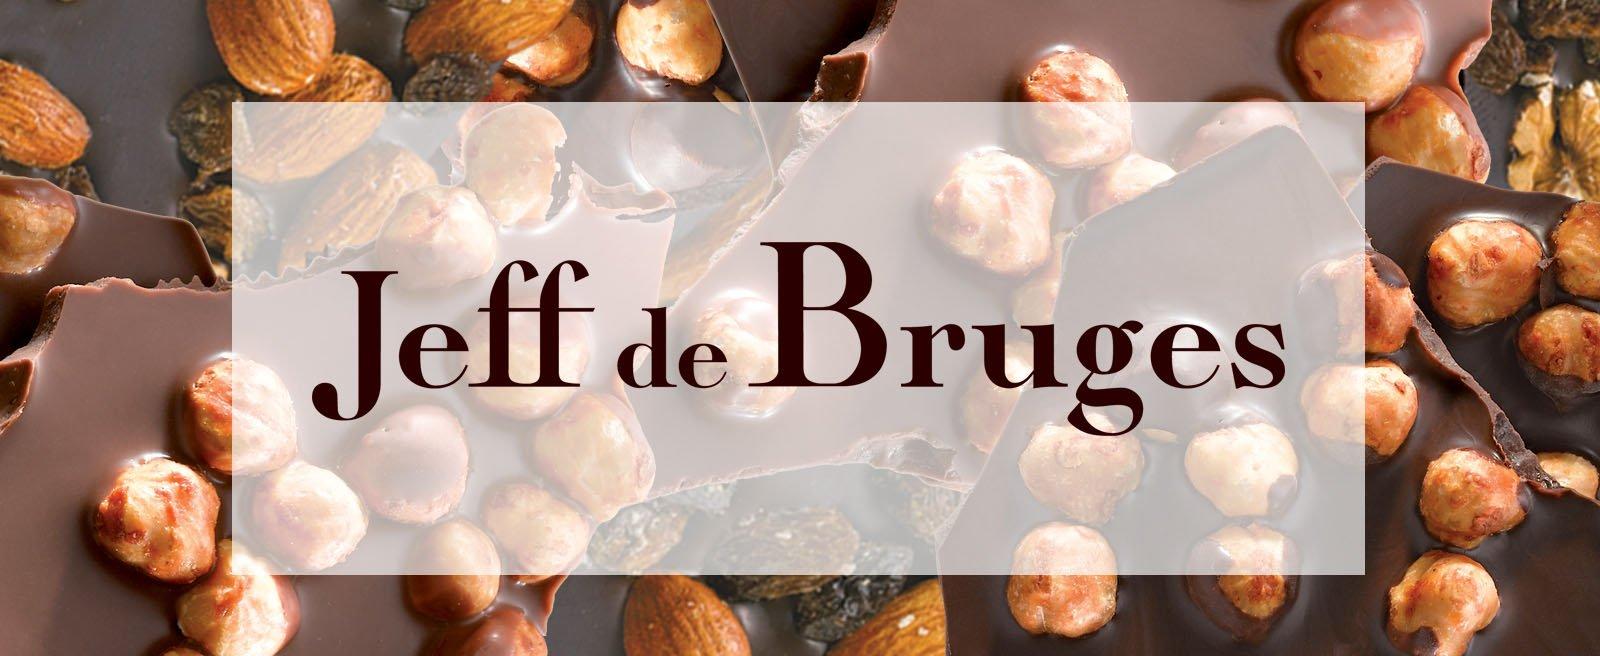 Boutique Jeff de Bruges - L'Usine Mode & Maison